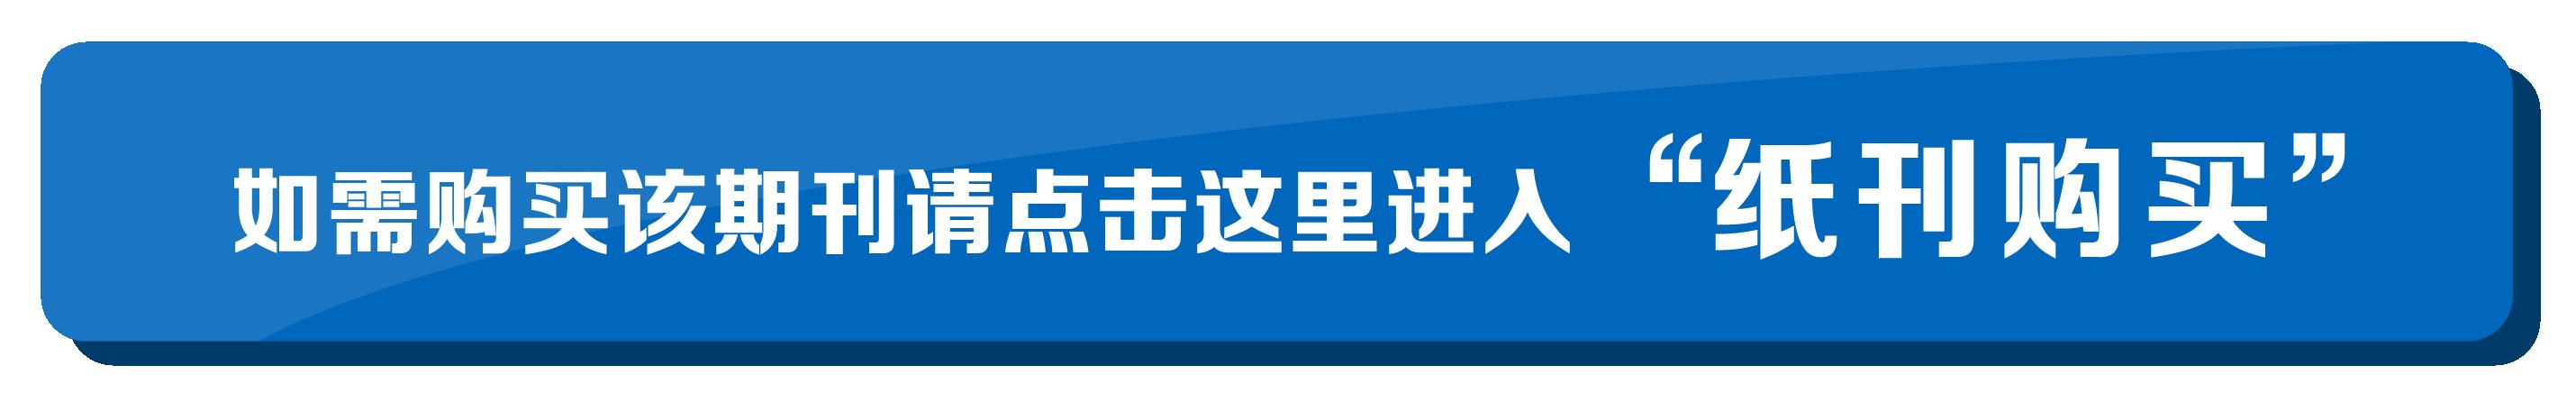 购刊蓝.png